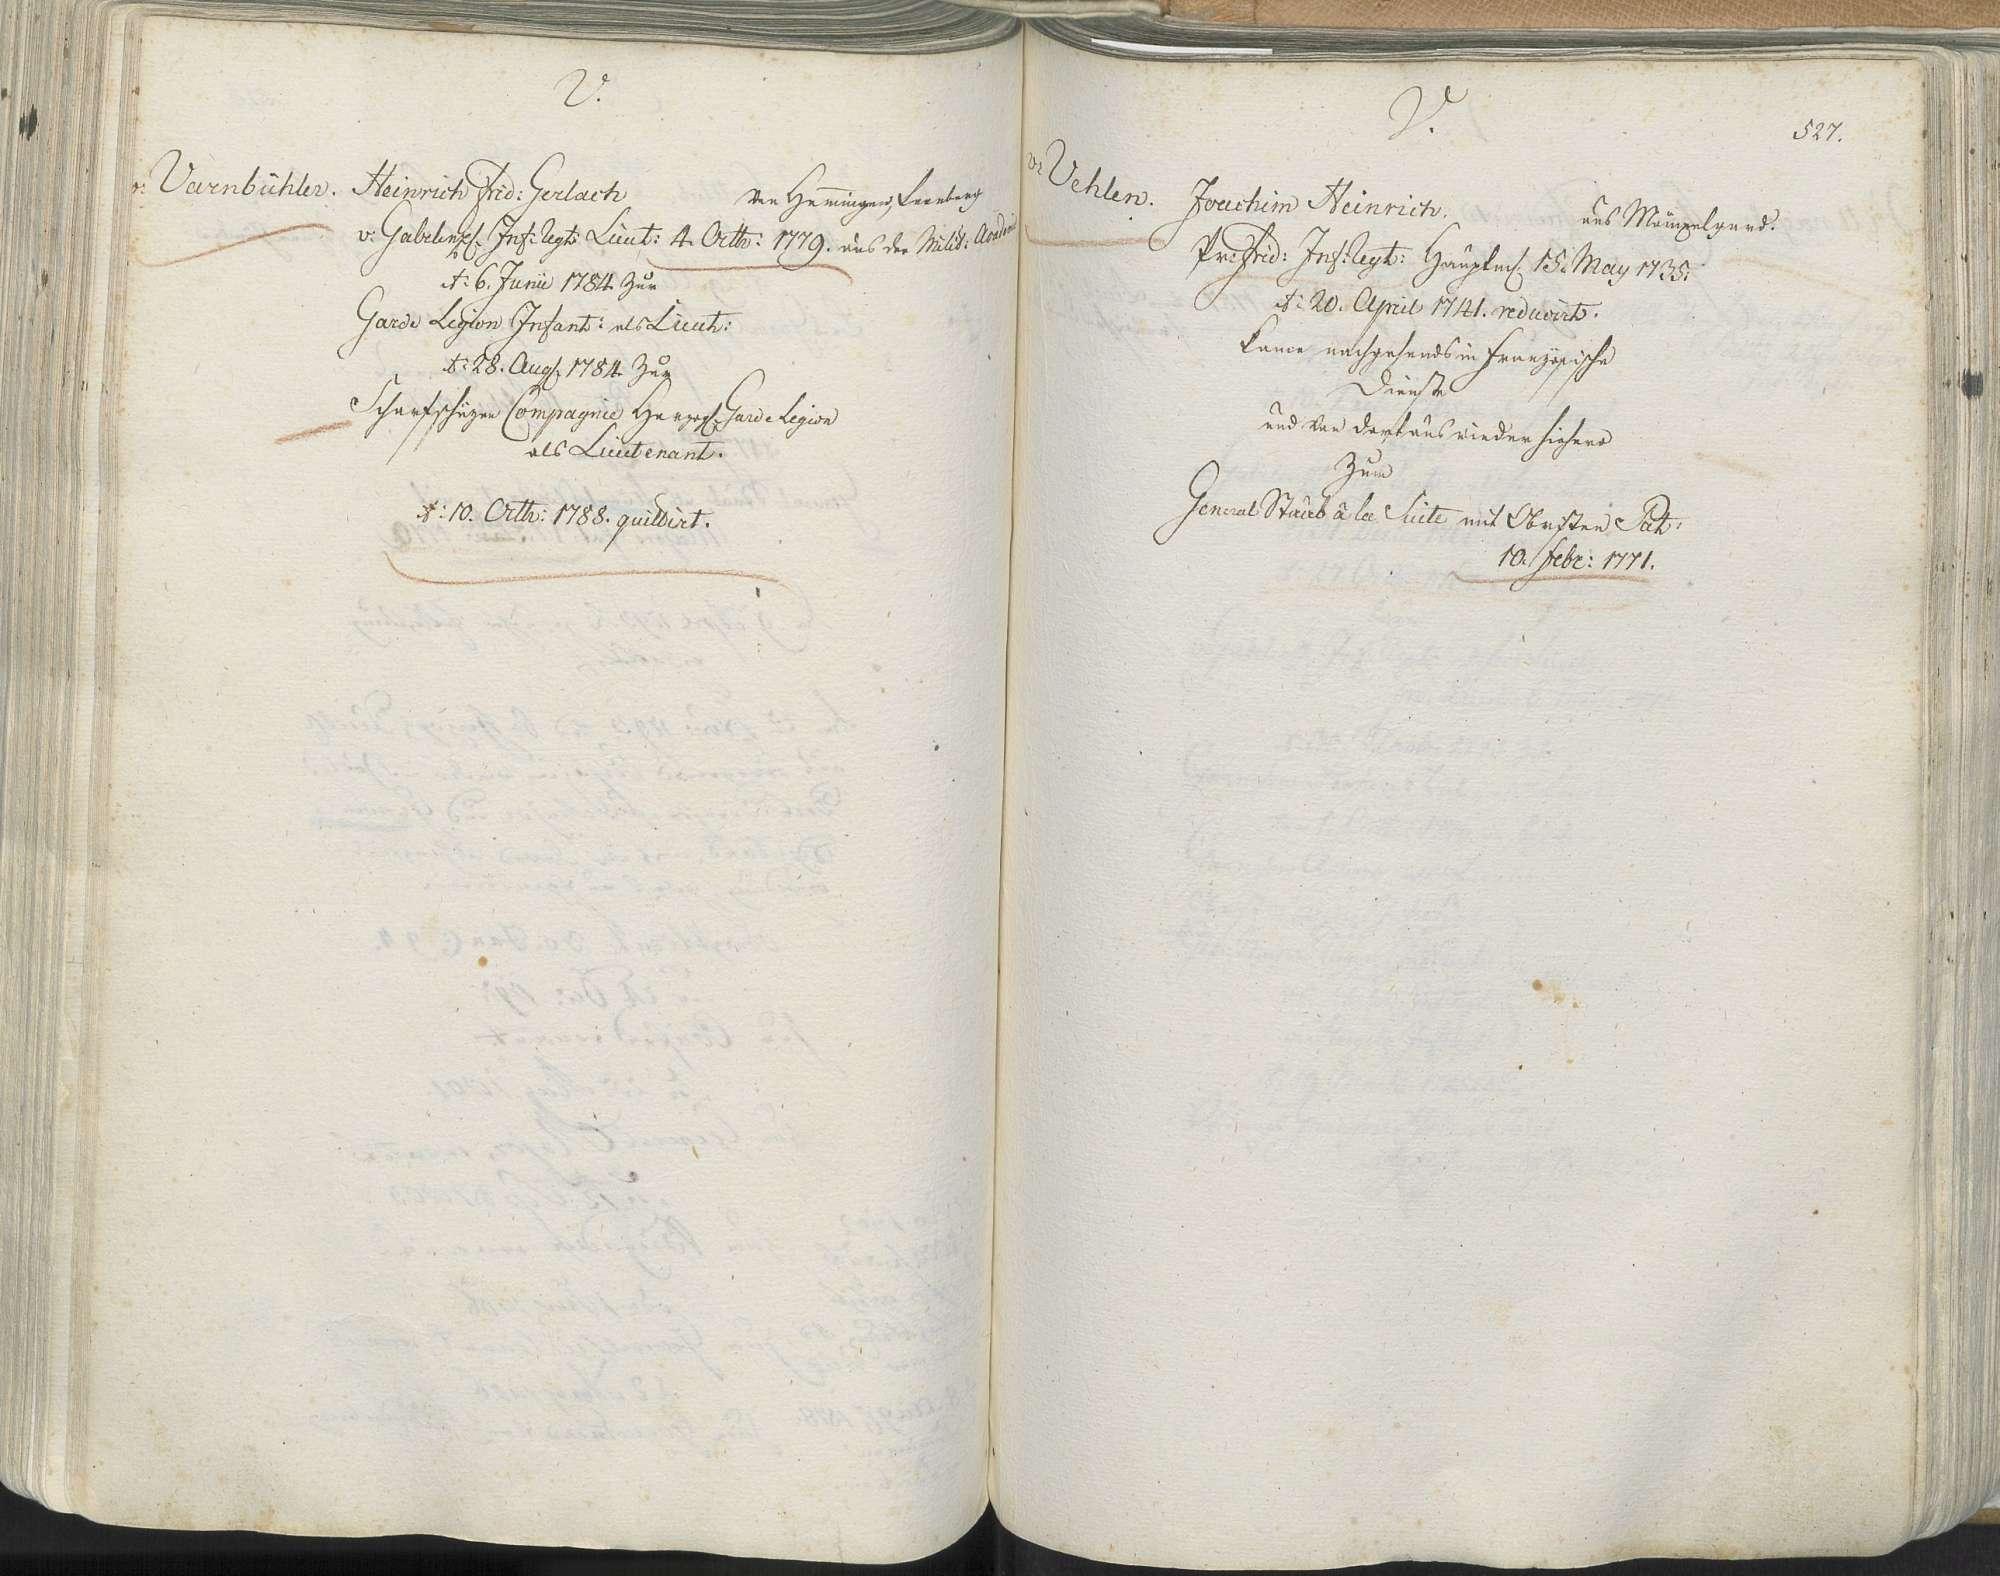 Varnbühler, Heinrich Friedrich Gerlach von, Bild 1